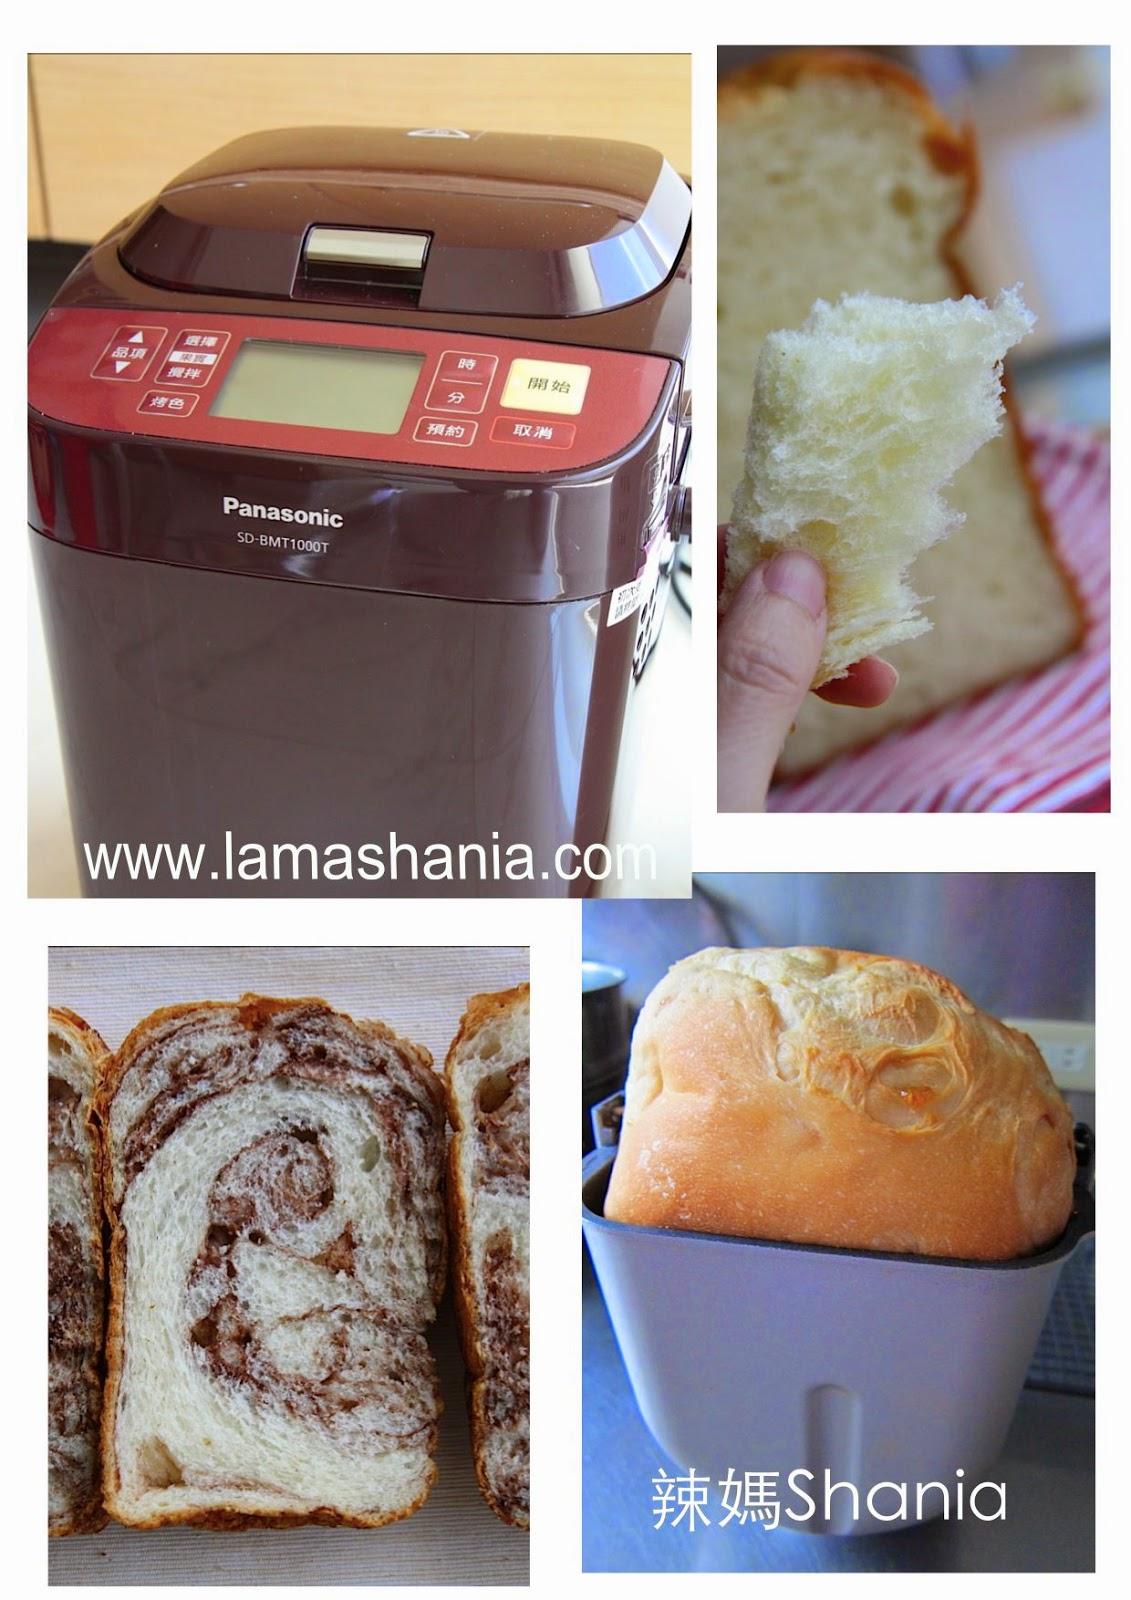 「試用」Panasonic 變頻製麵包機 SD-BMT1000T 開箱文 與食譜大分享!!